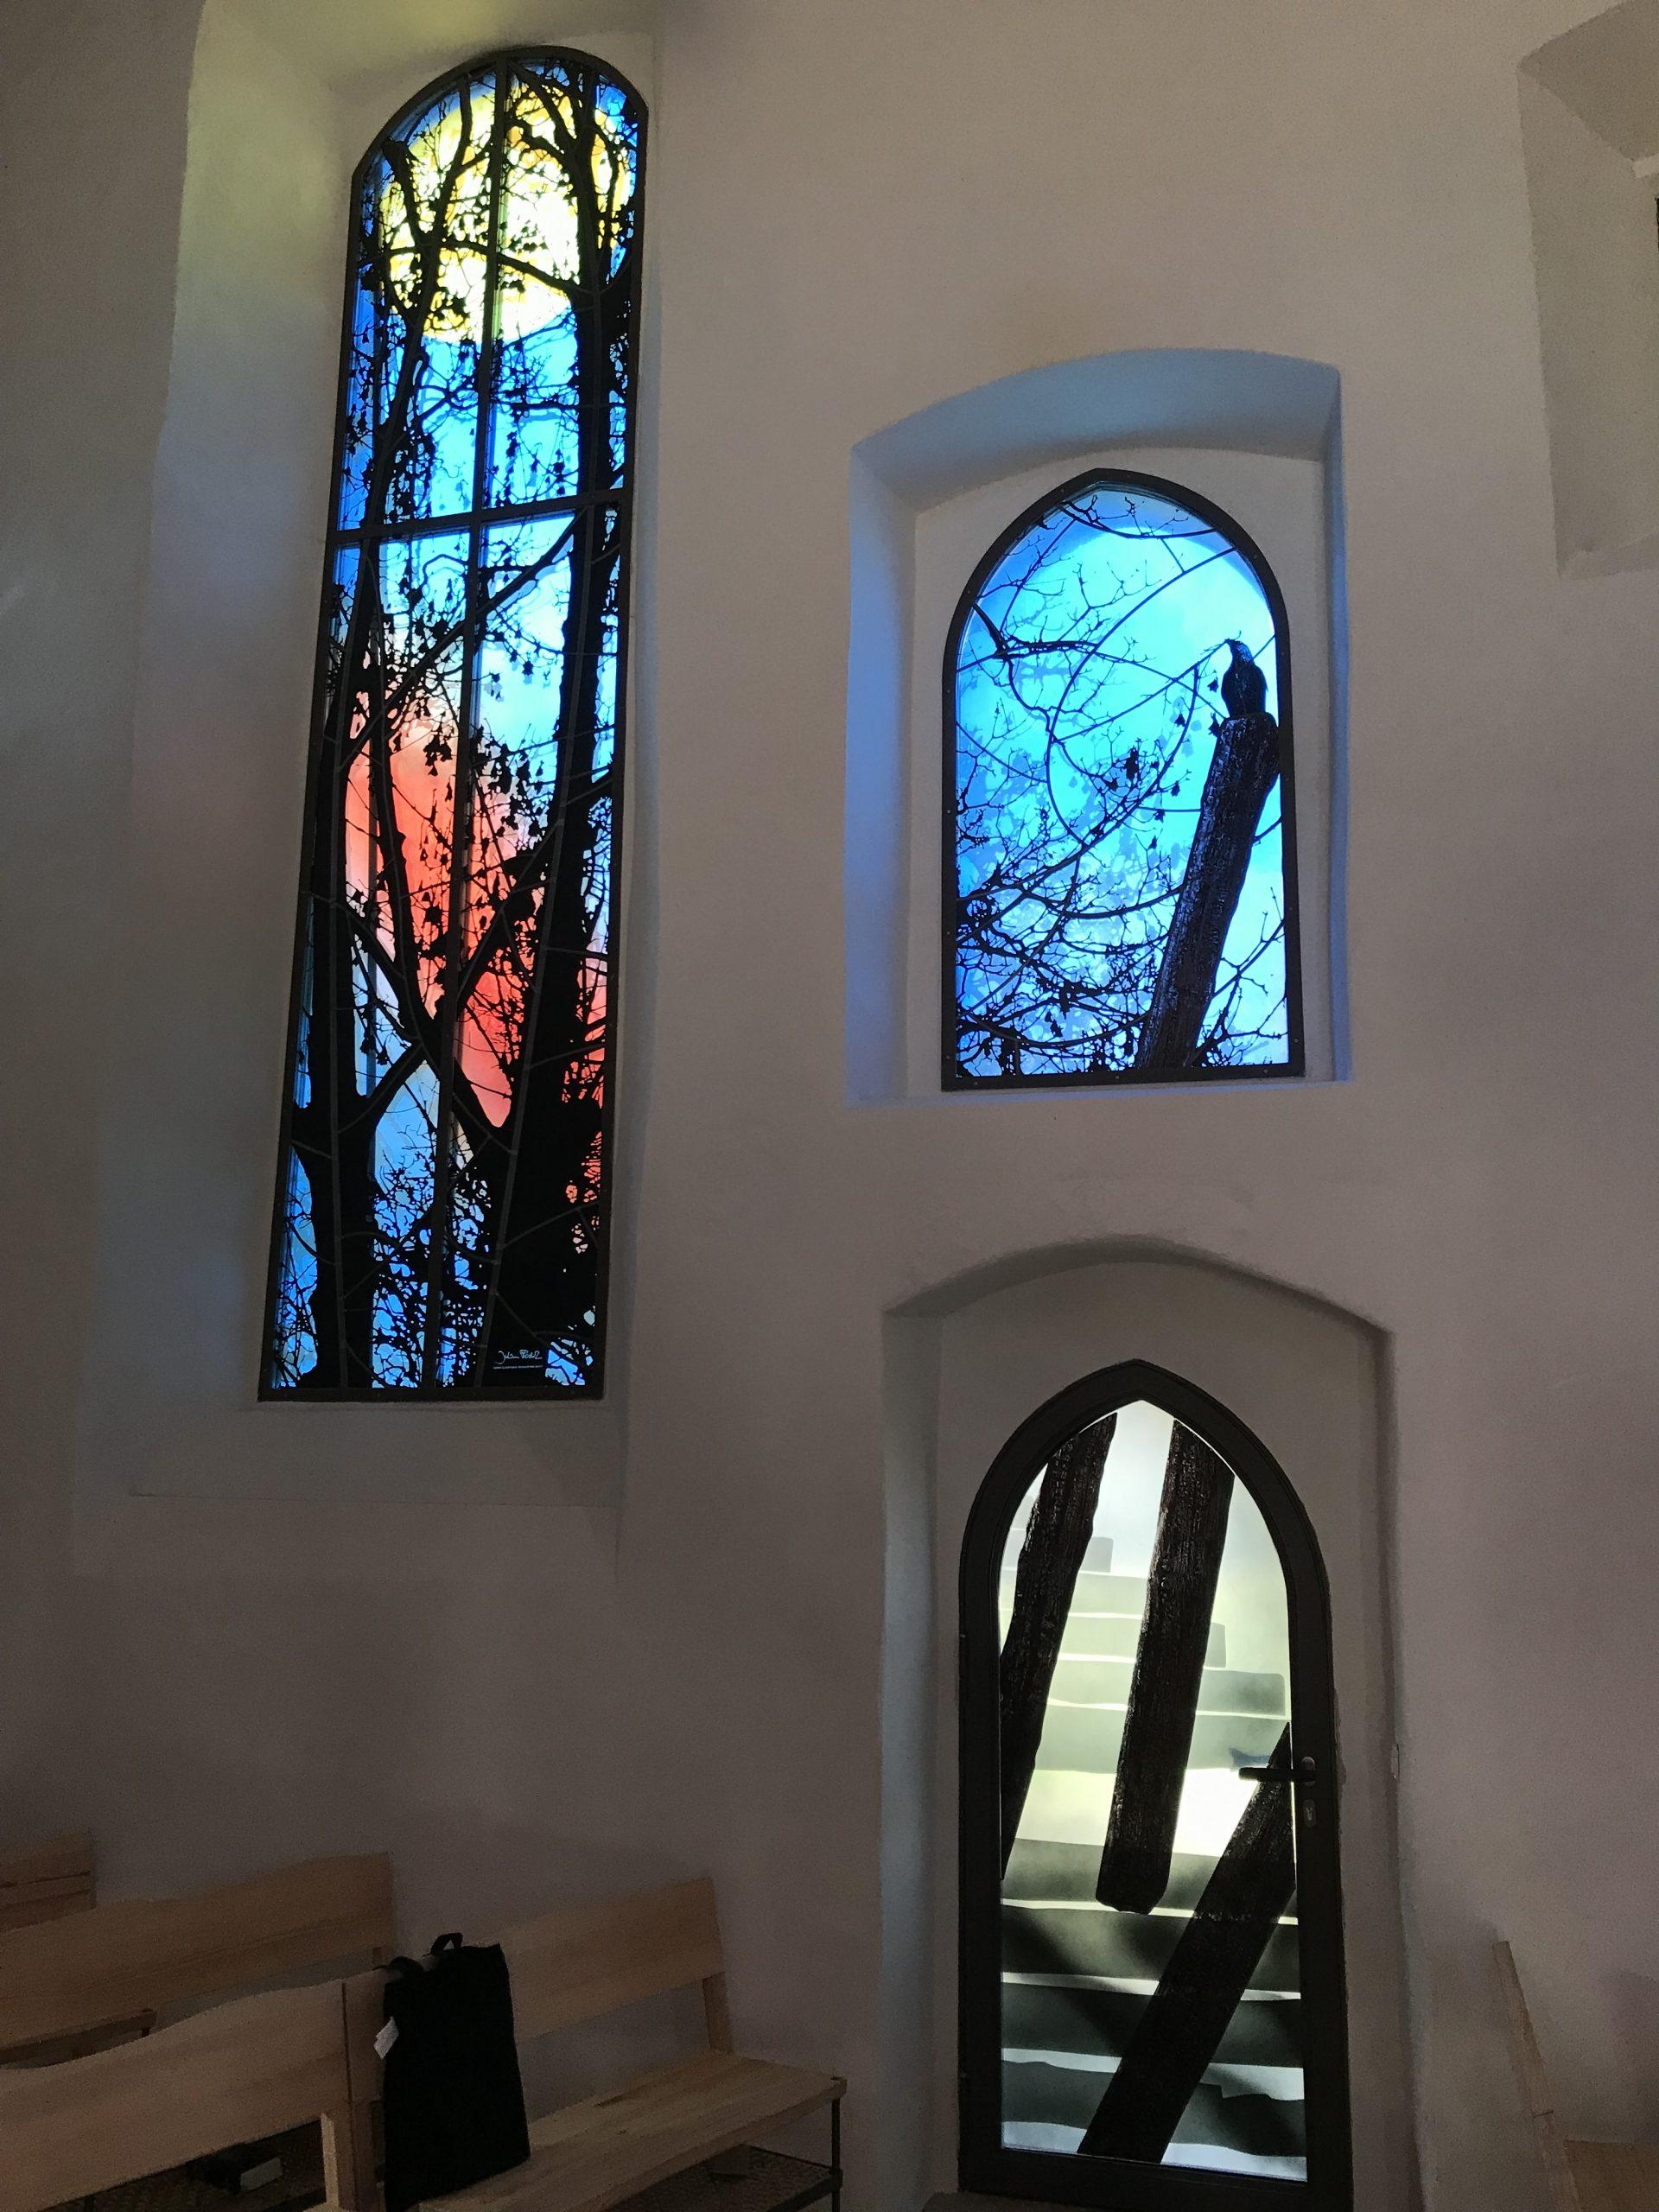 Fenster der Kirchenburg Walldorf, Künstler Julian Plodek